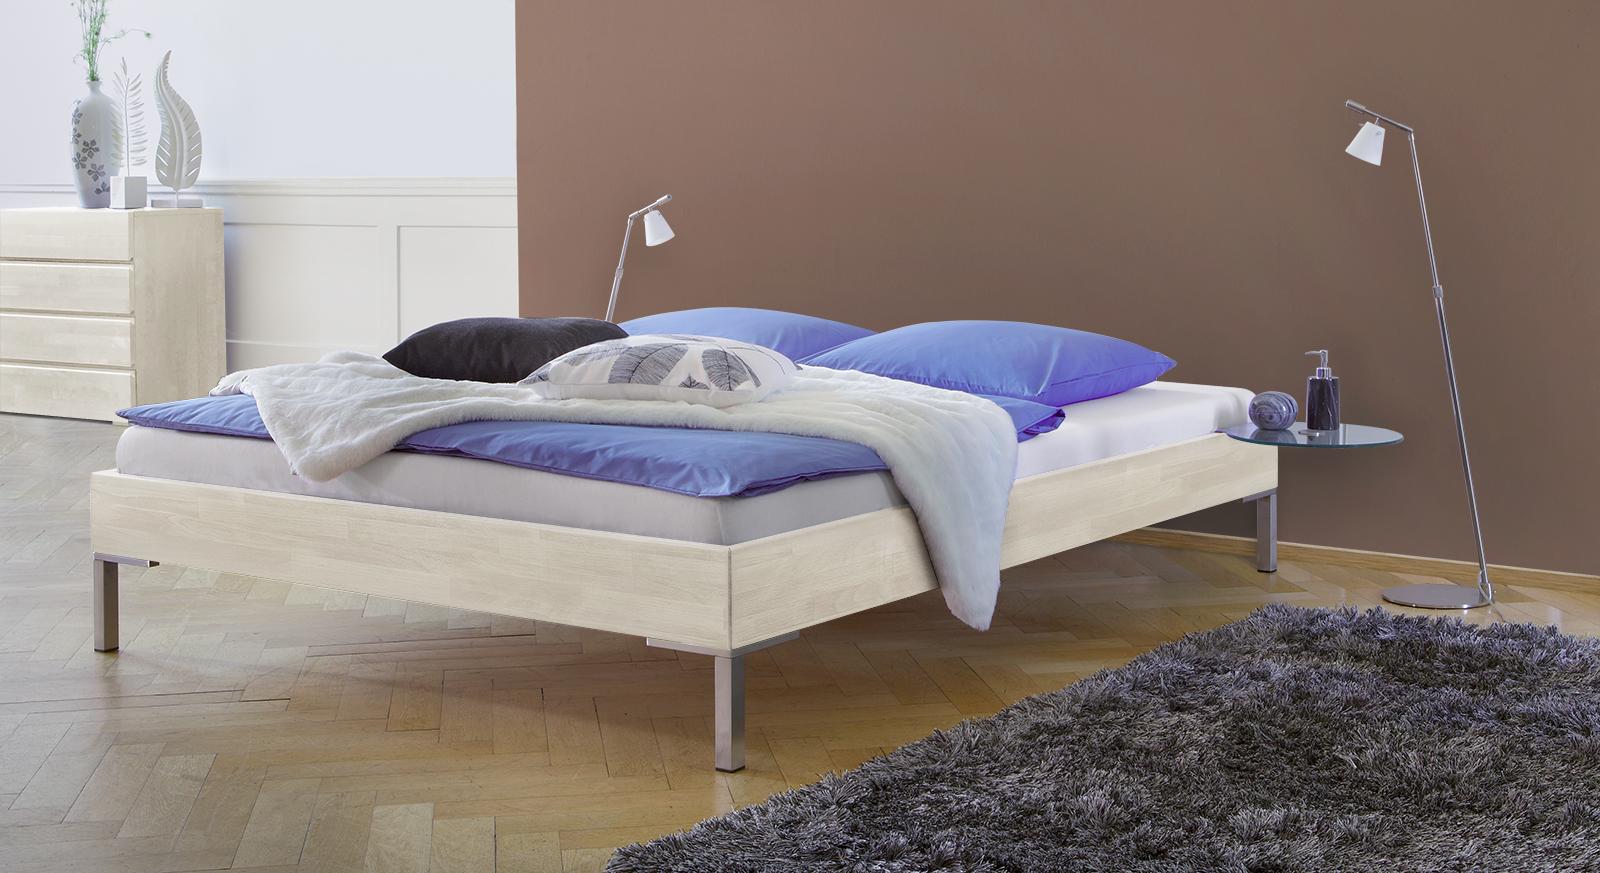 Betten Für Schlafzimmer Mit Dachschrägen